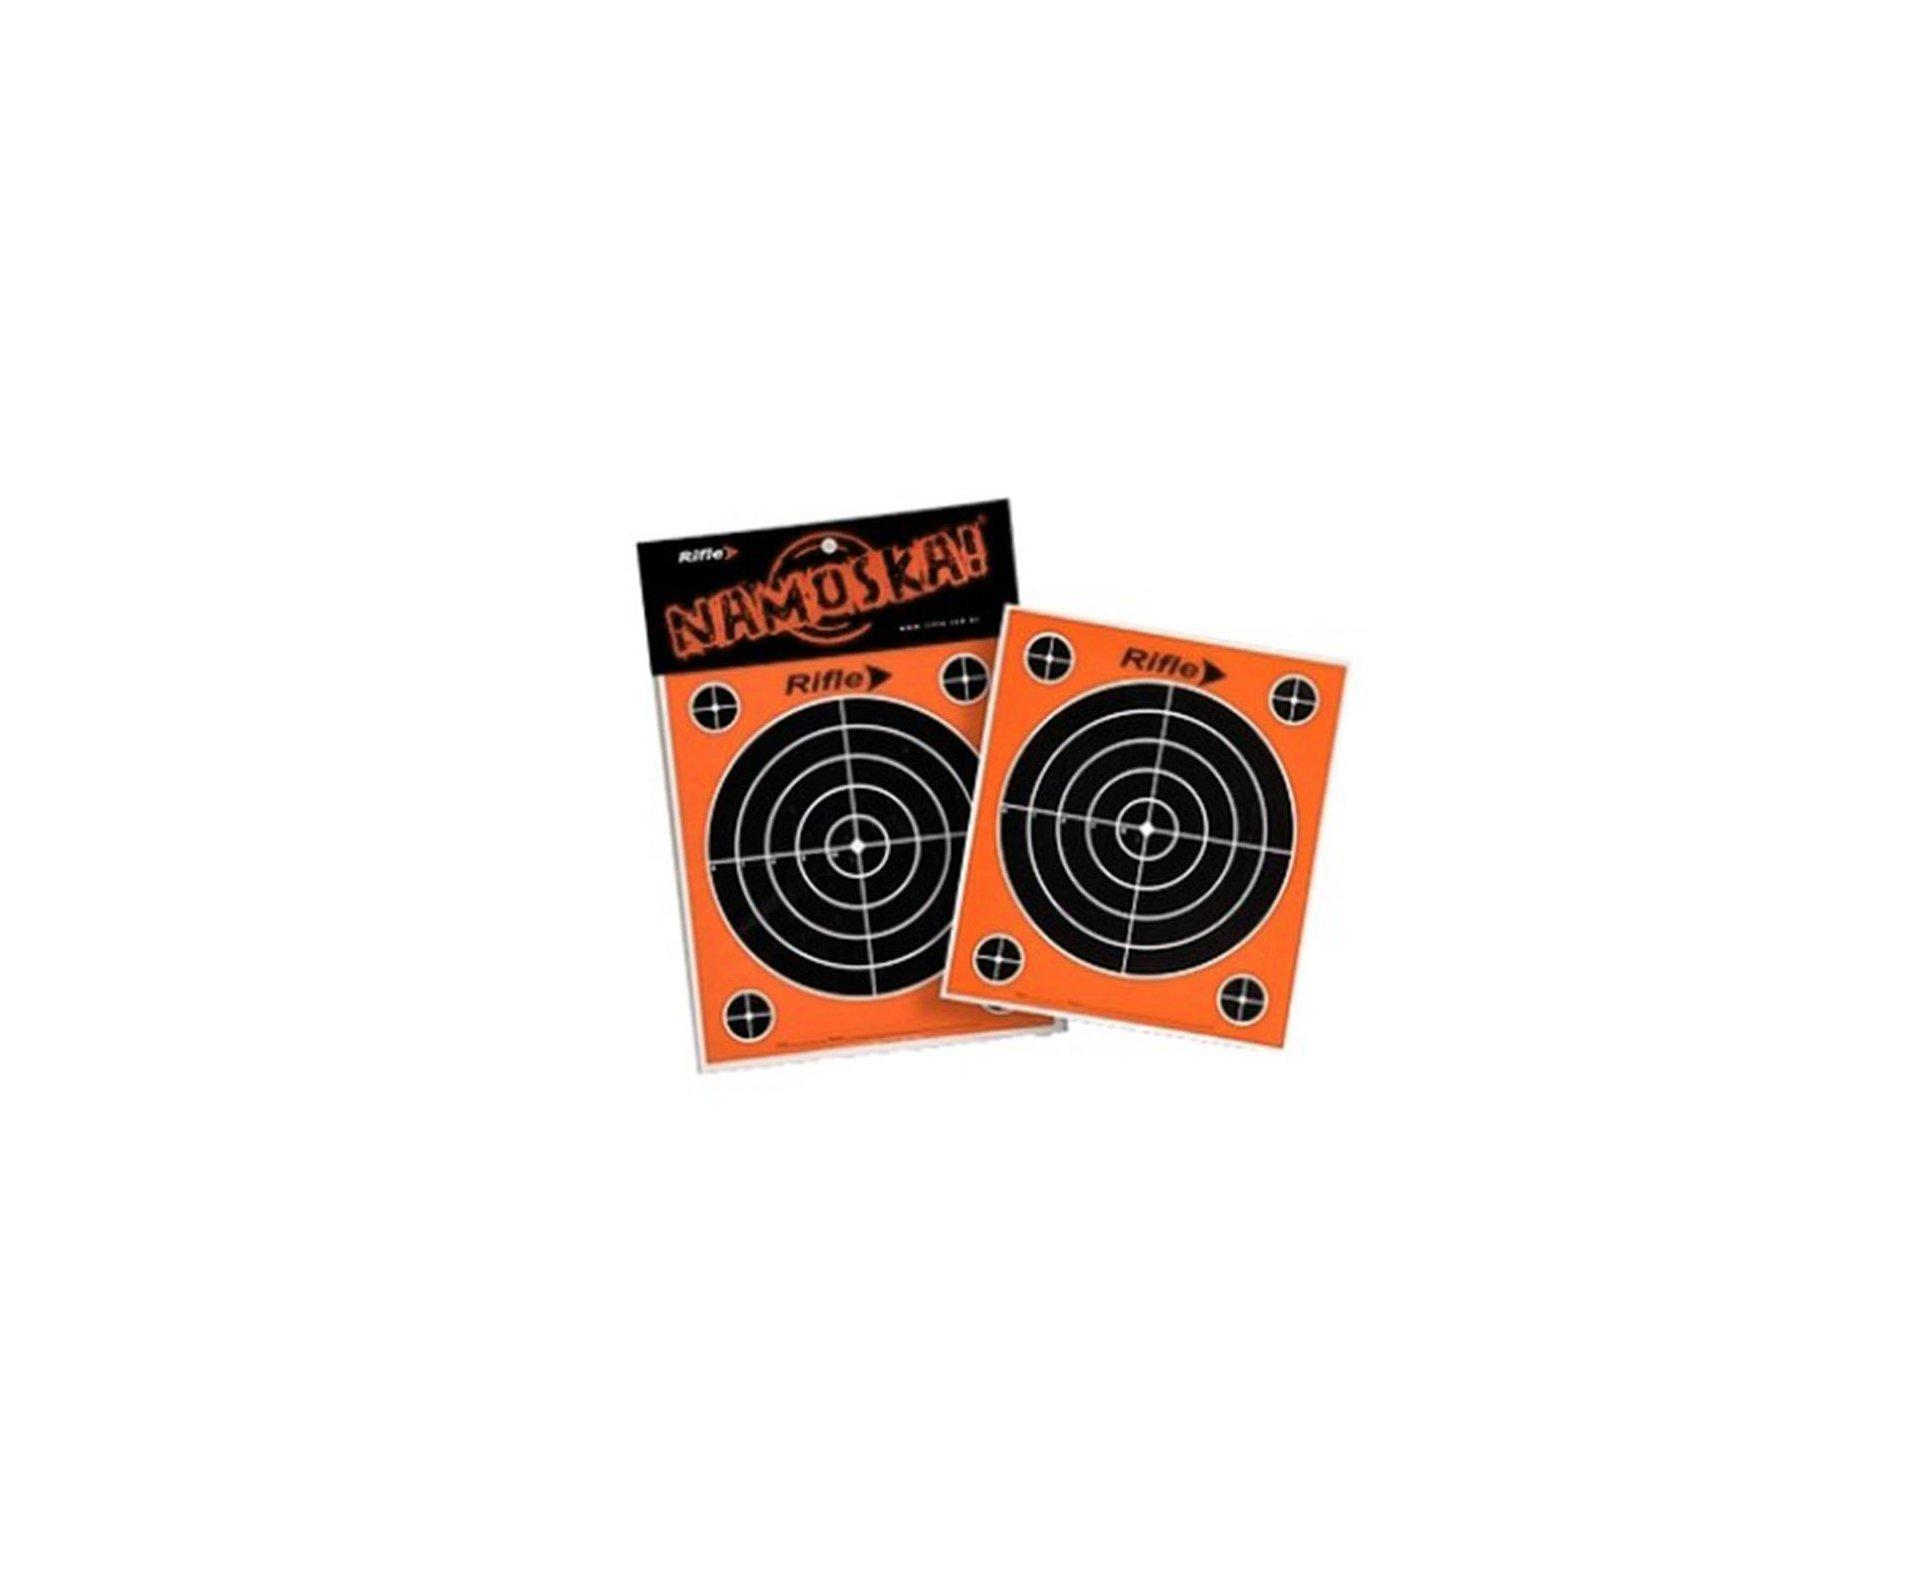 Alvos Descartáveis Para Carabinas E Pistolas 150x170mm 10und - Rifle